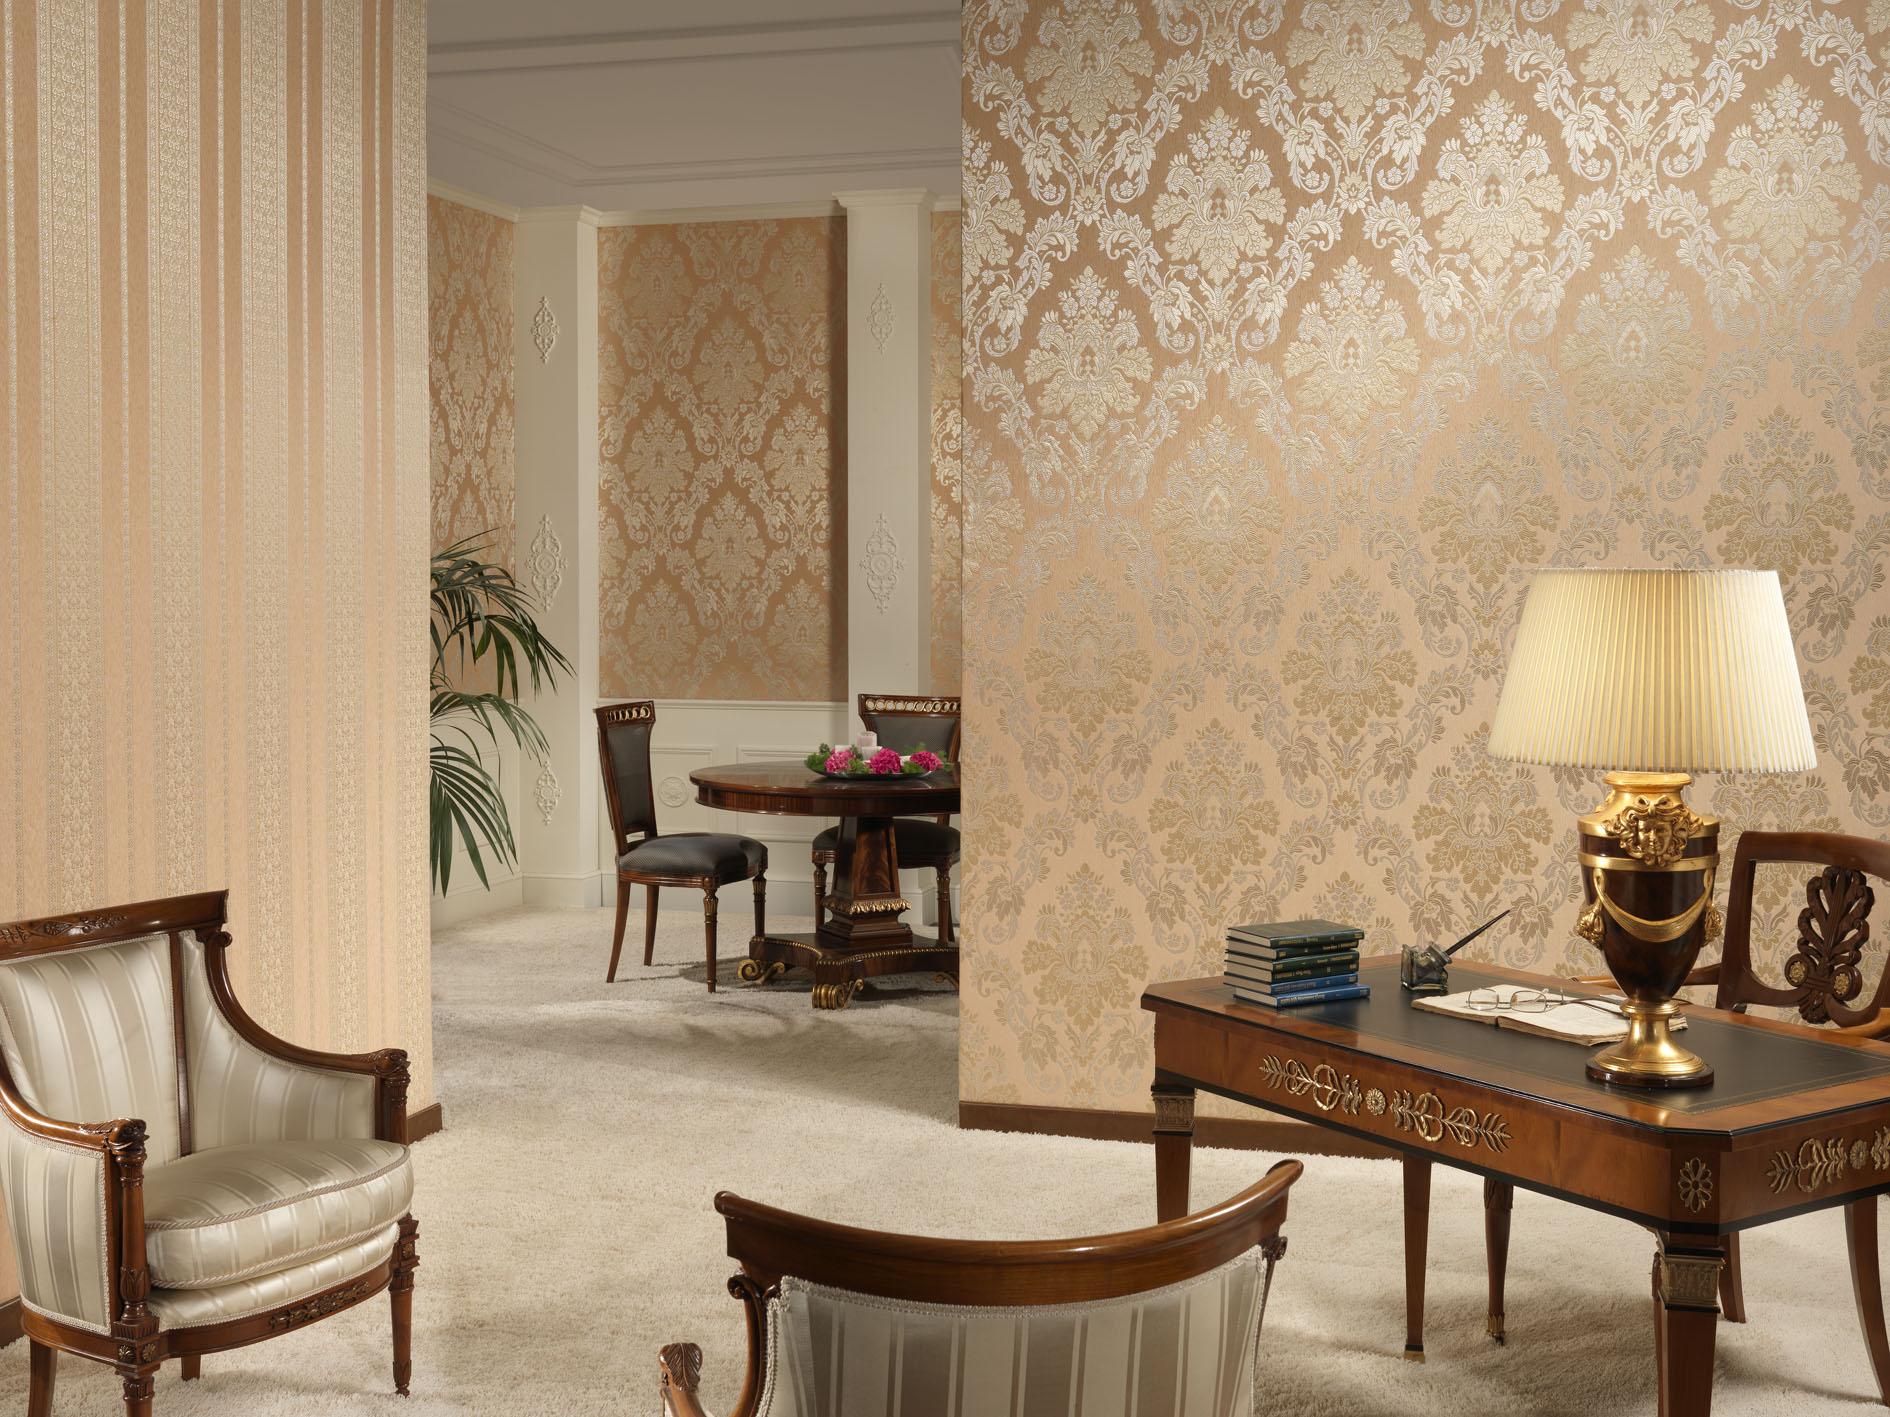 Пример декорирования стен обоями в одном цветовом исполнении, но с разным орнаментом